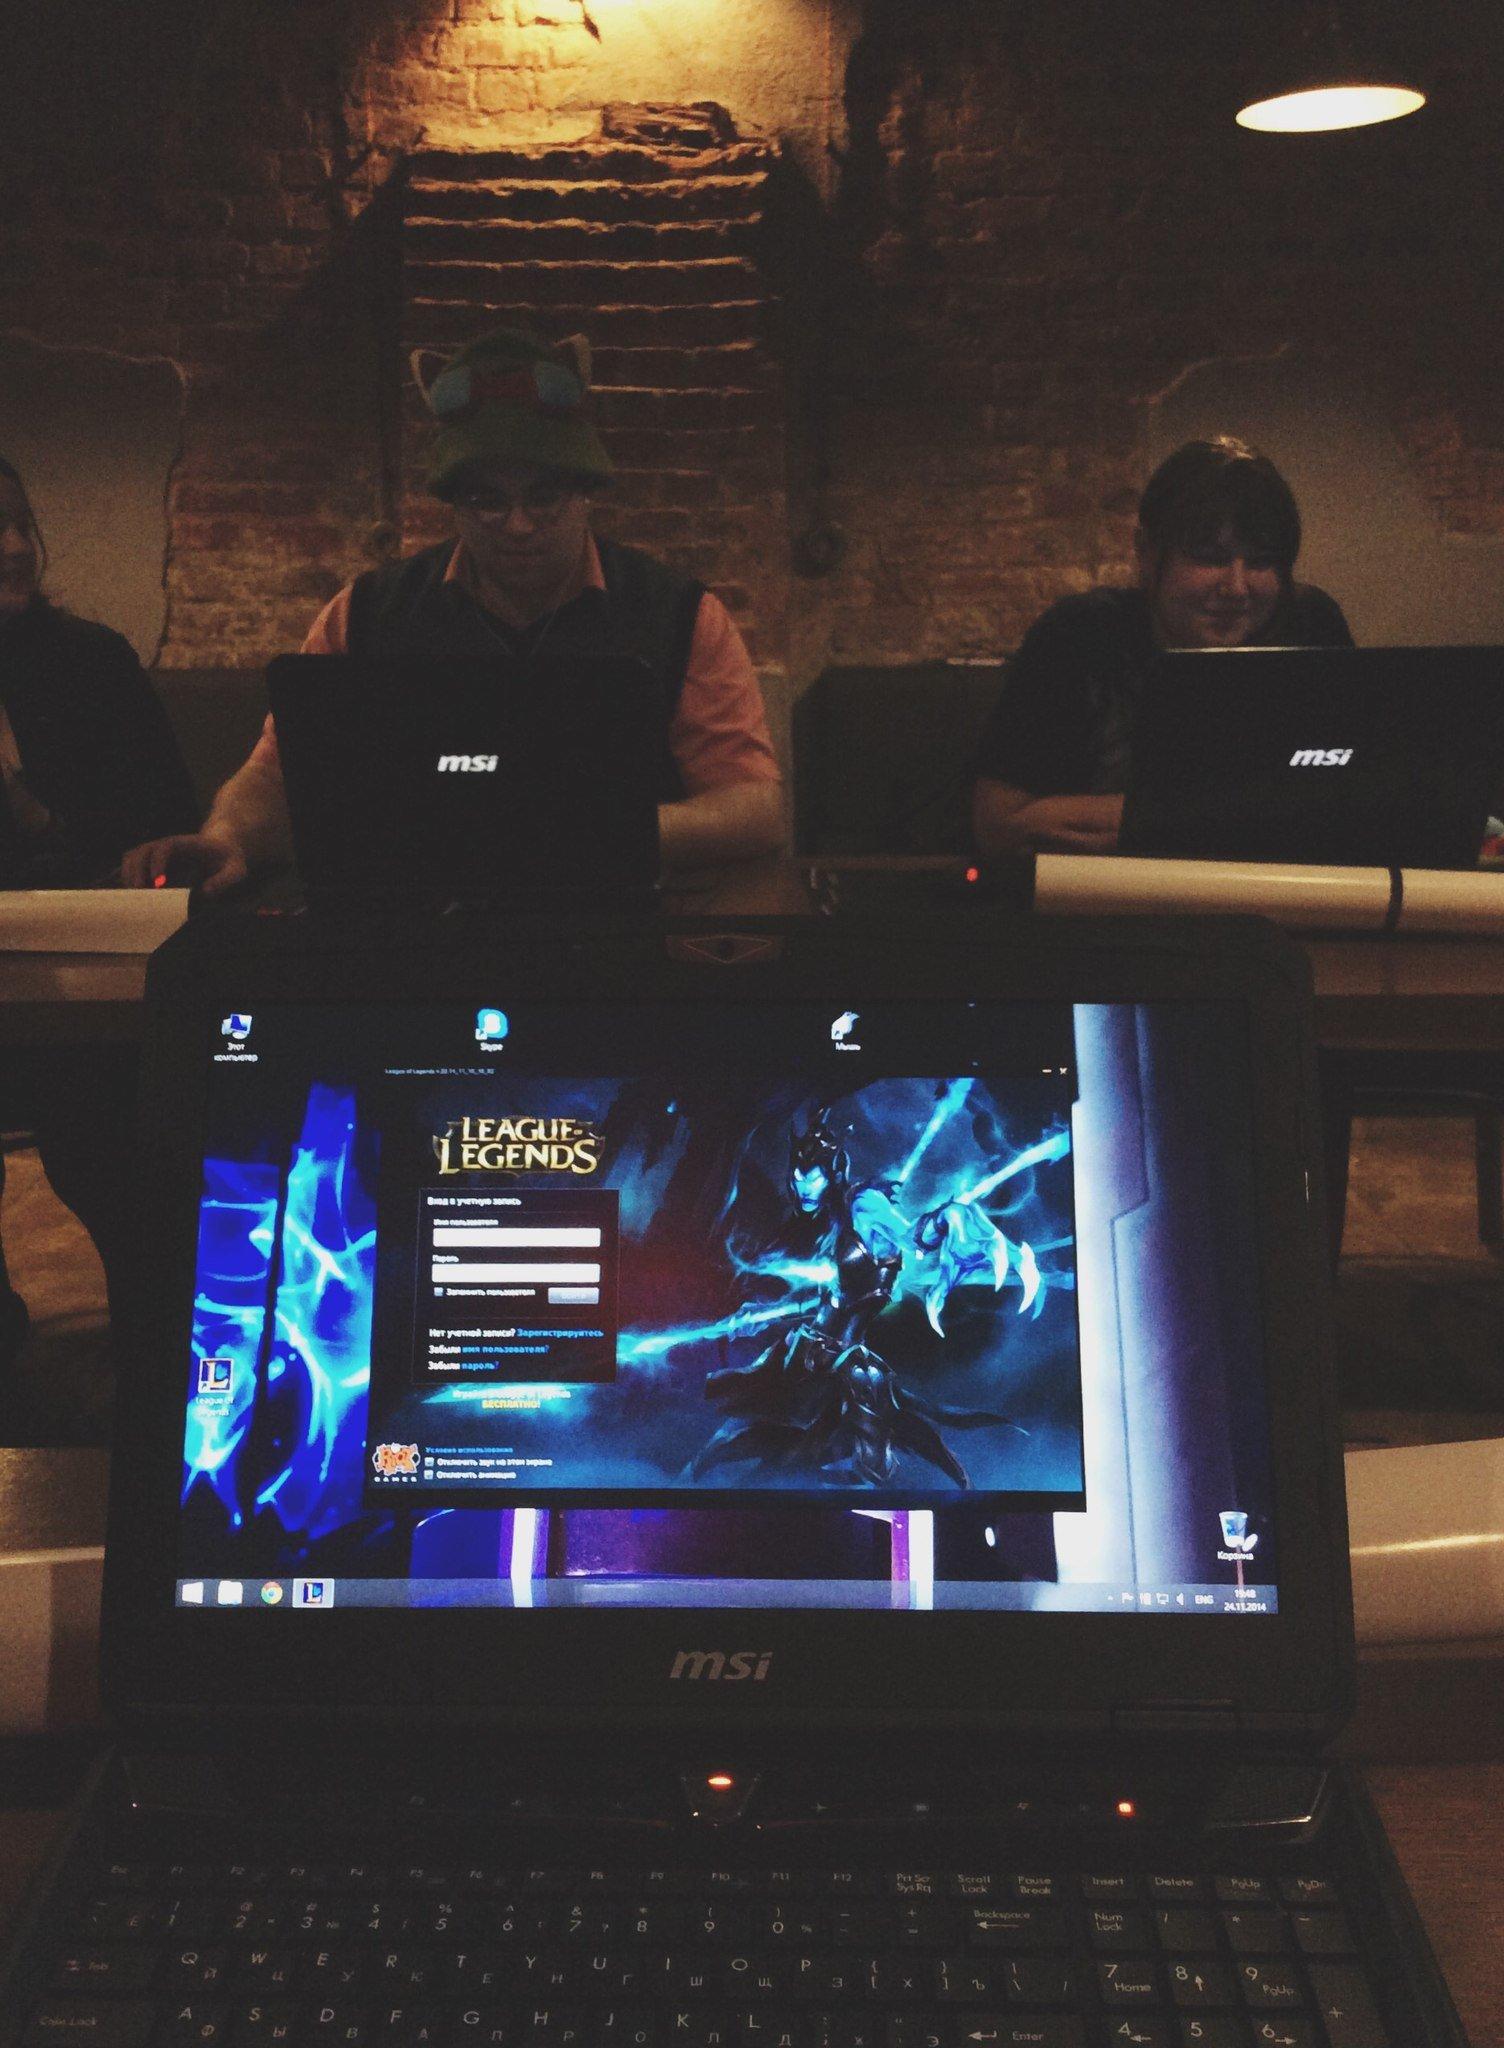 League of Legends эволюционирует! - Изображение 4